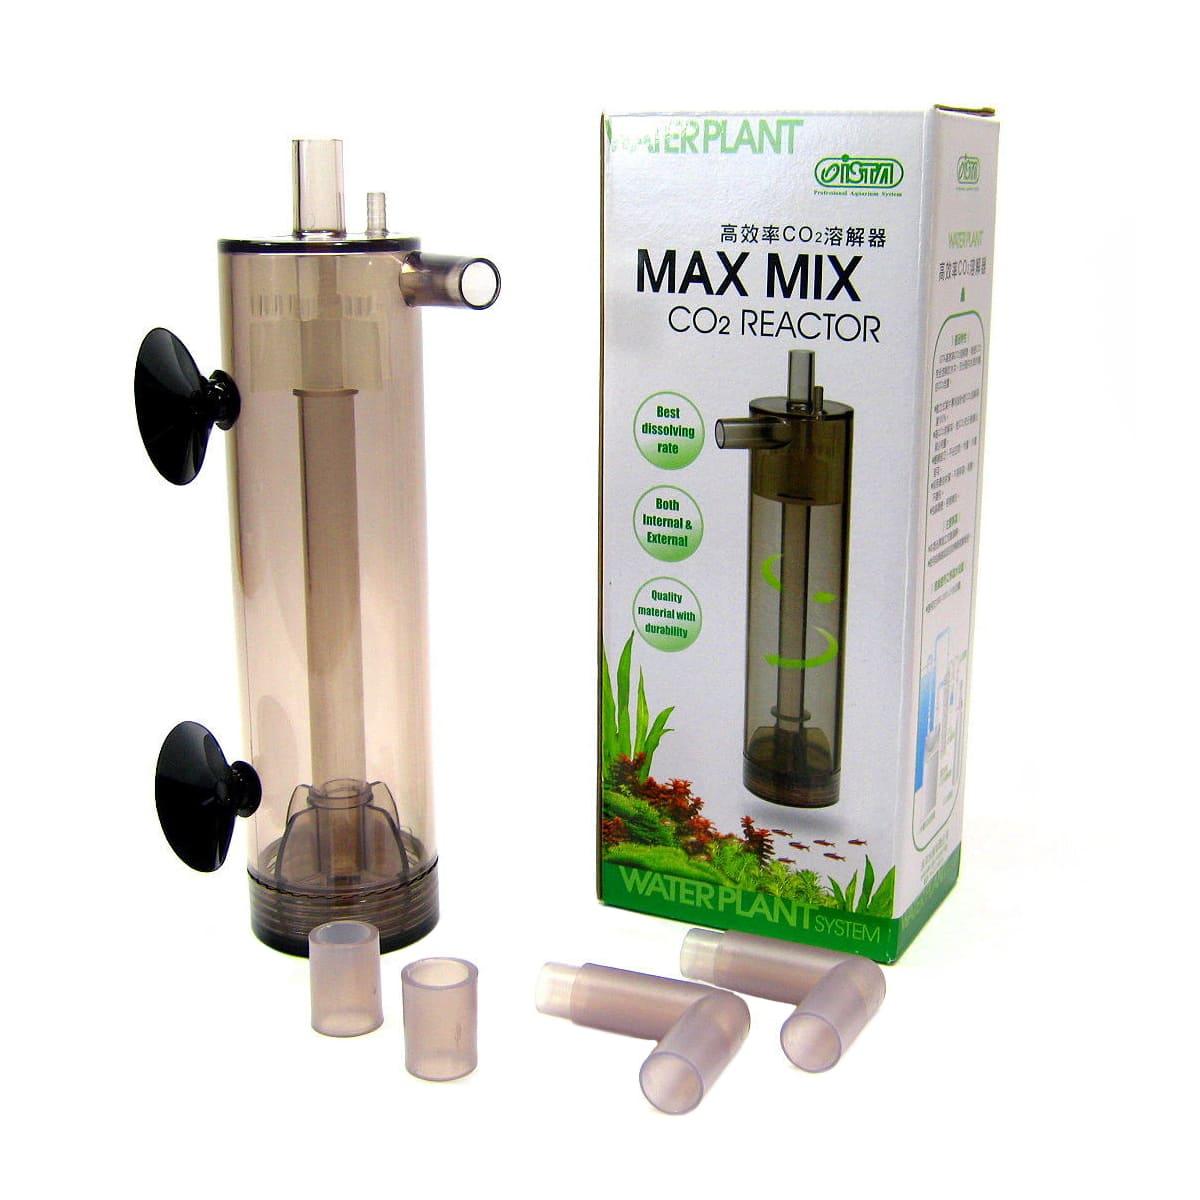 ISTA REATOR DE CO2 MAX MIX CO2 REACTOR L I-529